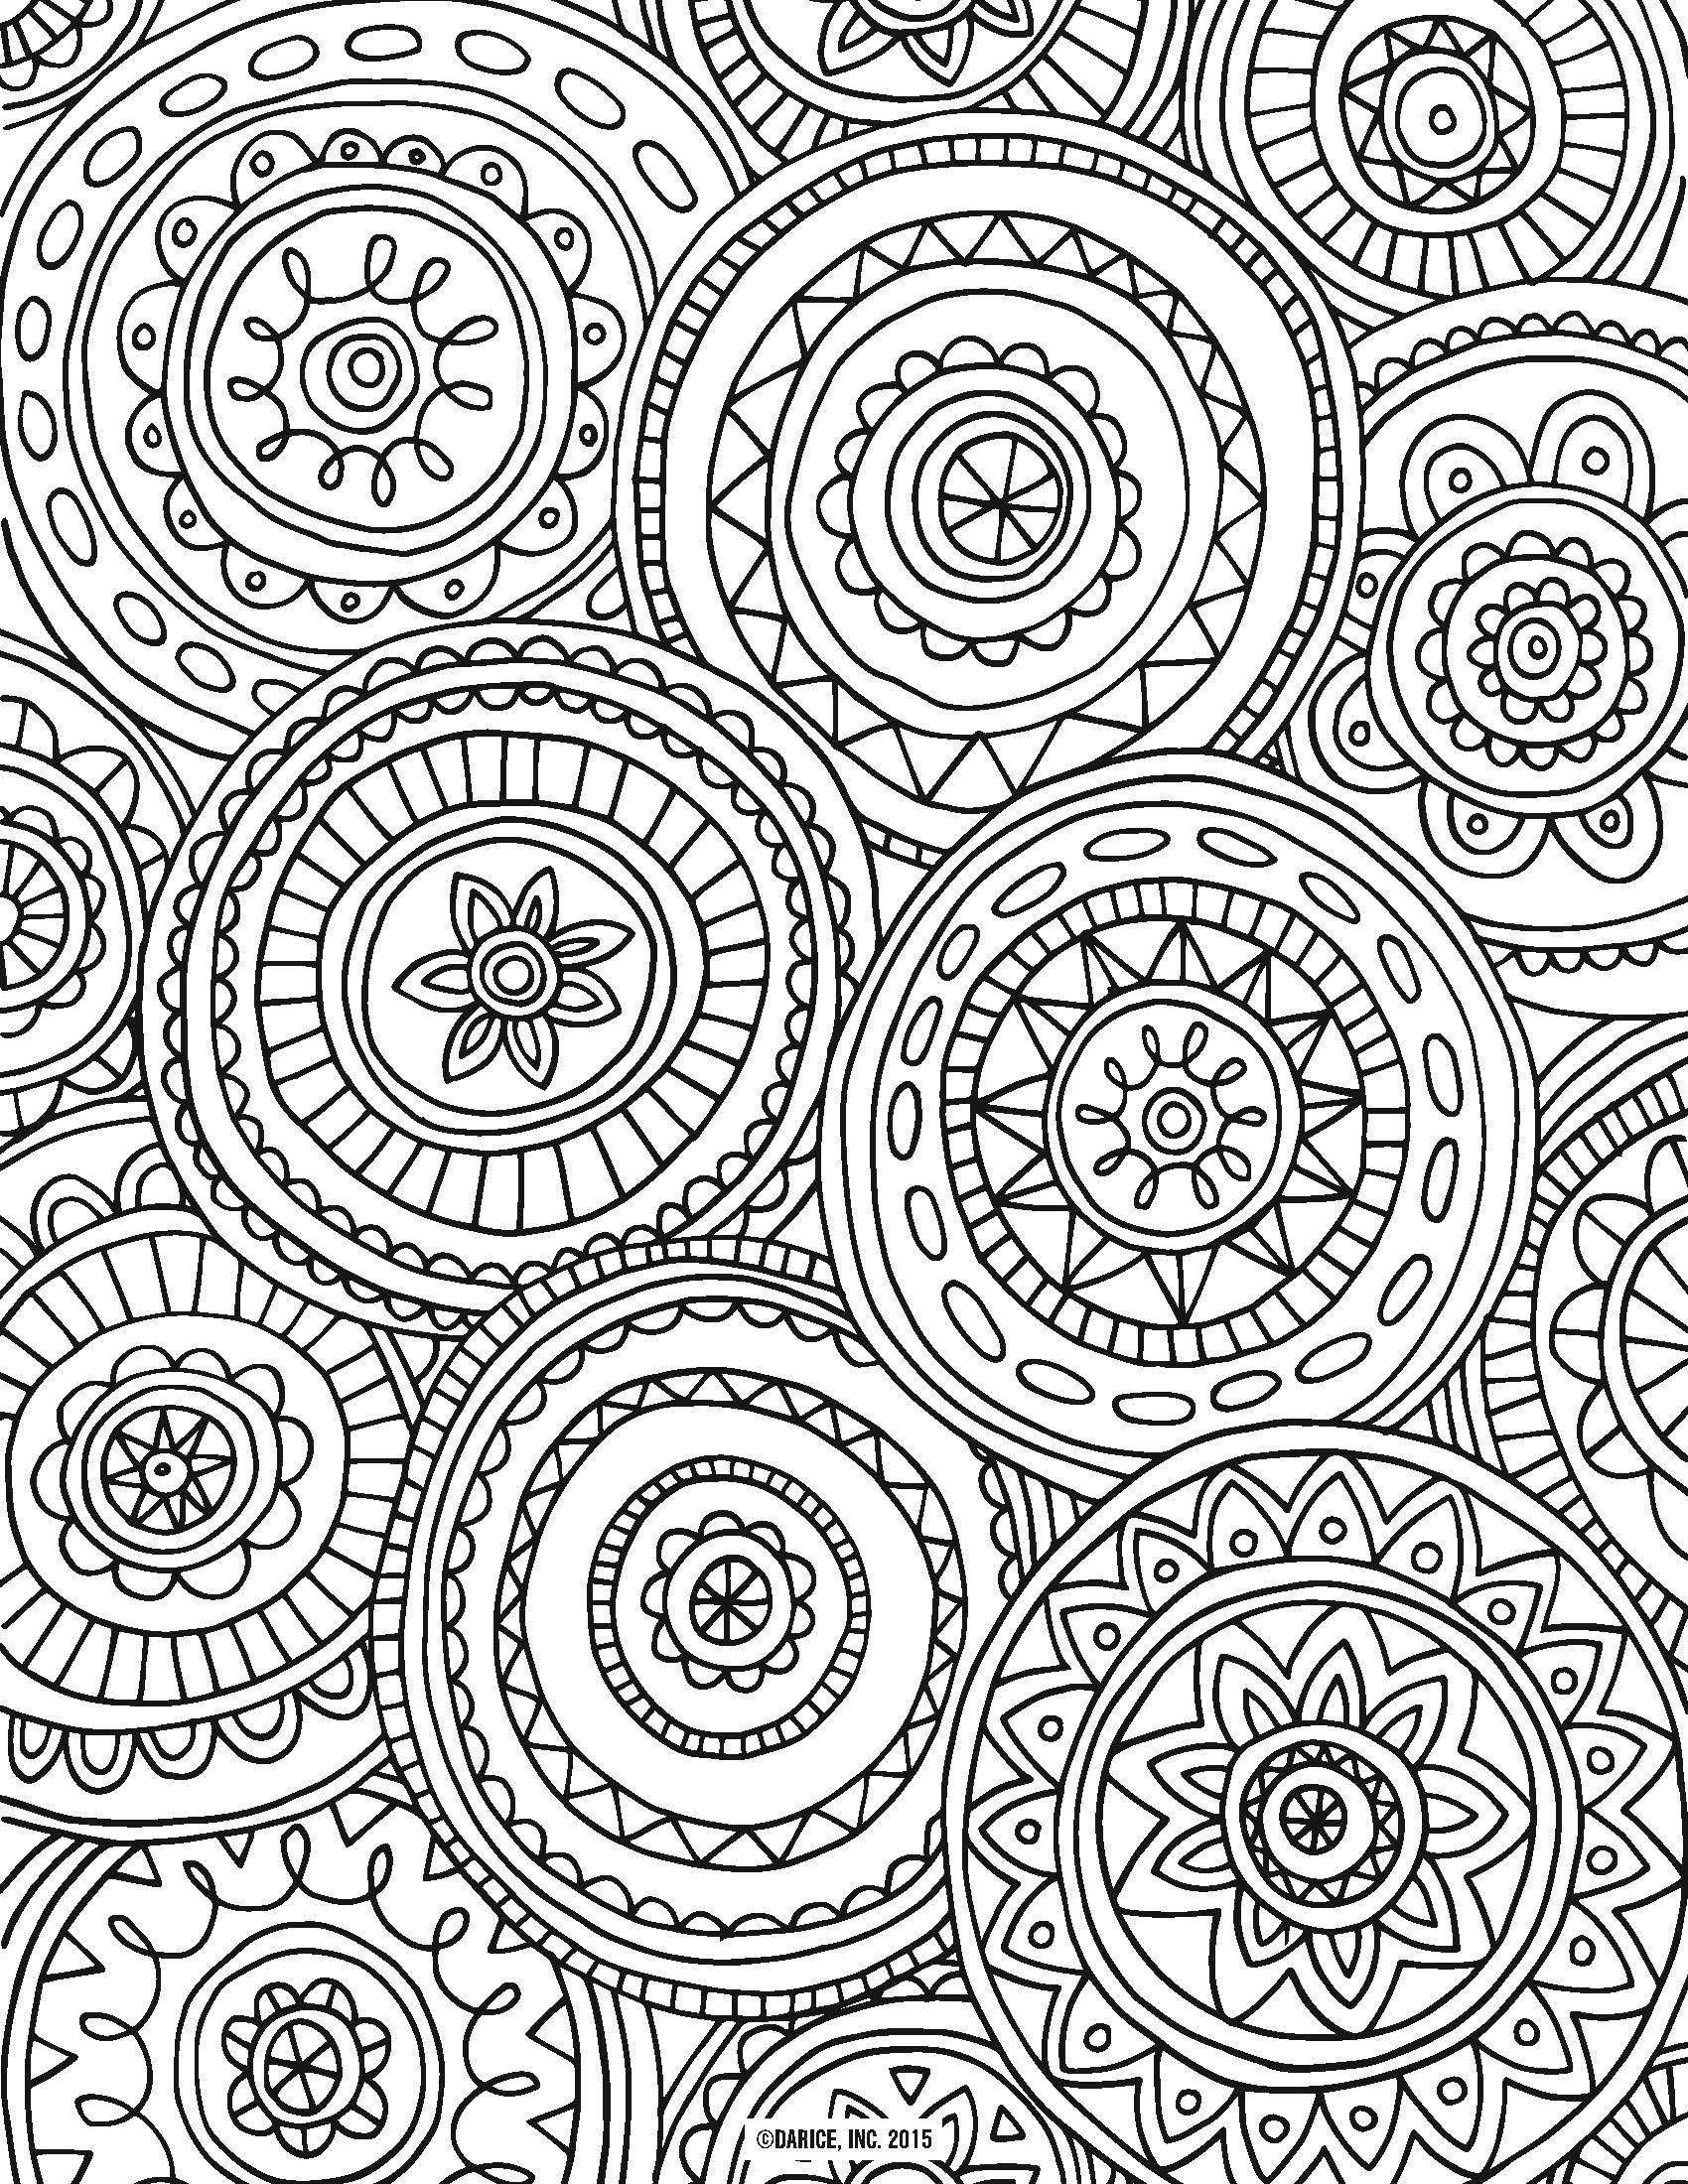 Curse Word Coloring Pages Fresh 20 Fresh Swear Word Coloring Pages Printable Free Bloemen Kleurplaten Boek Bladzijden Kleuren Gratis Kleurplaten